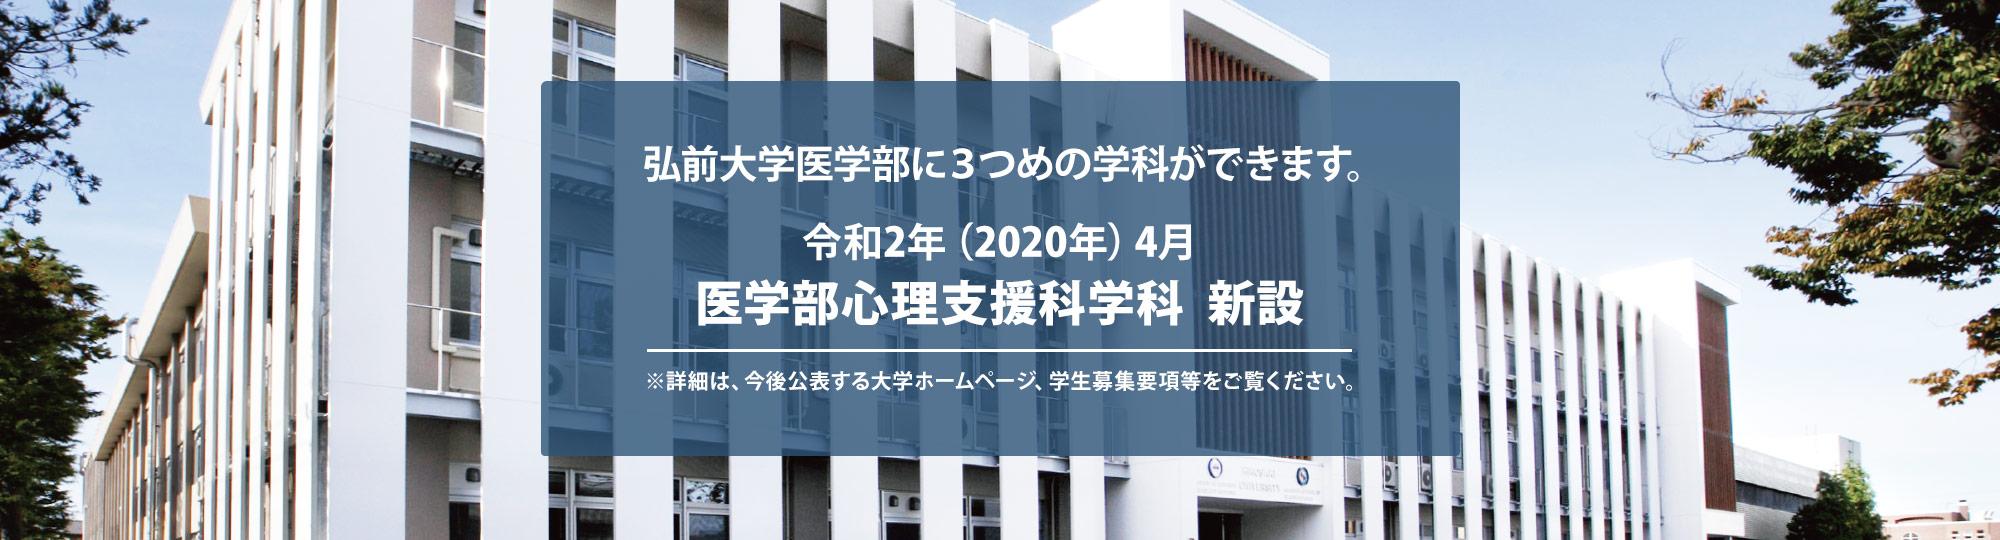 2020年4月 医学部心理支援科学科 新設